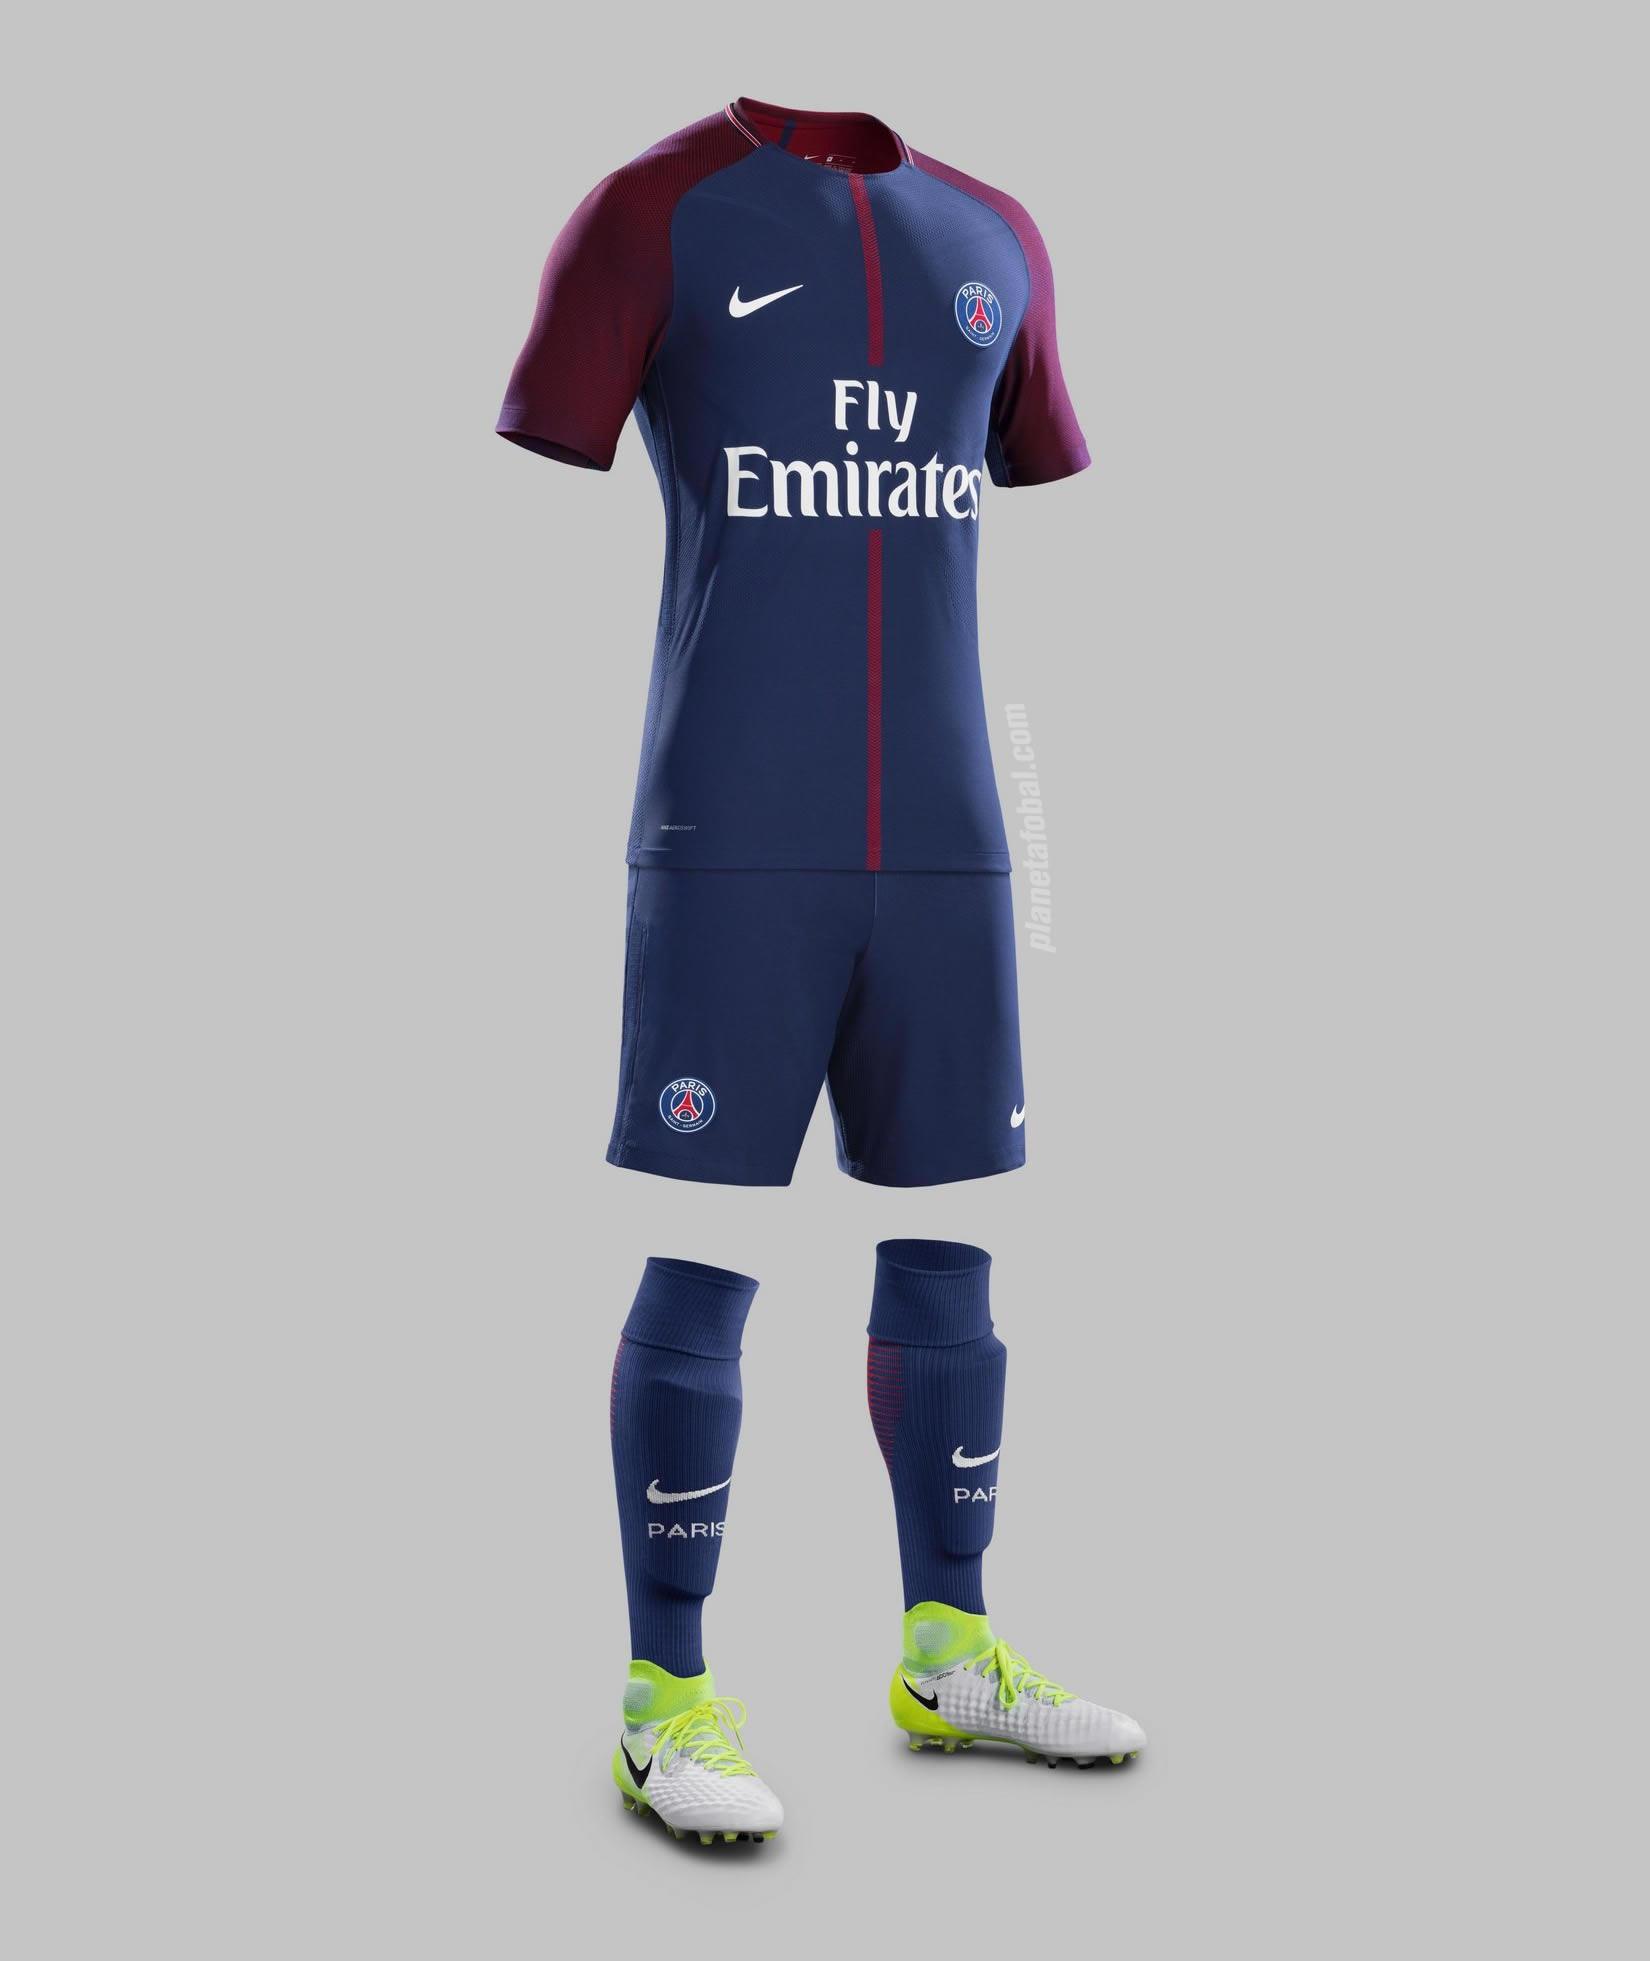 Camiseta Nike del PSG 2017/18